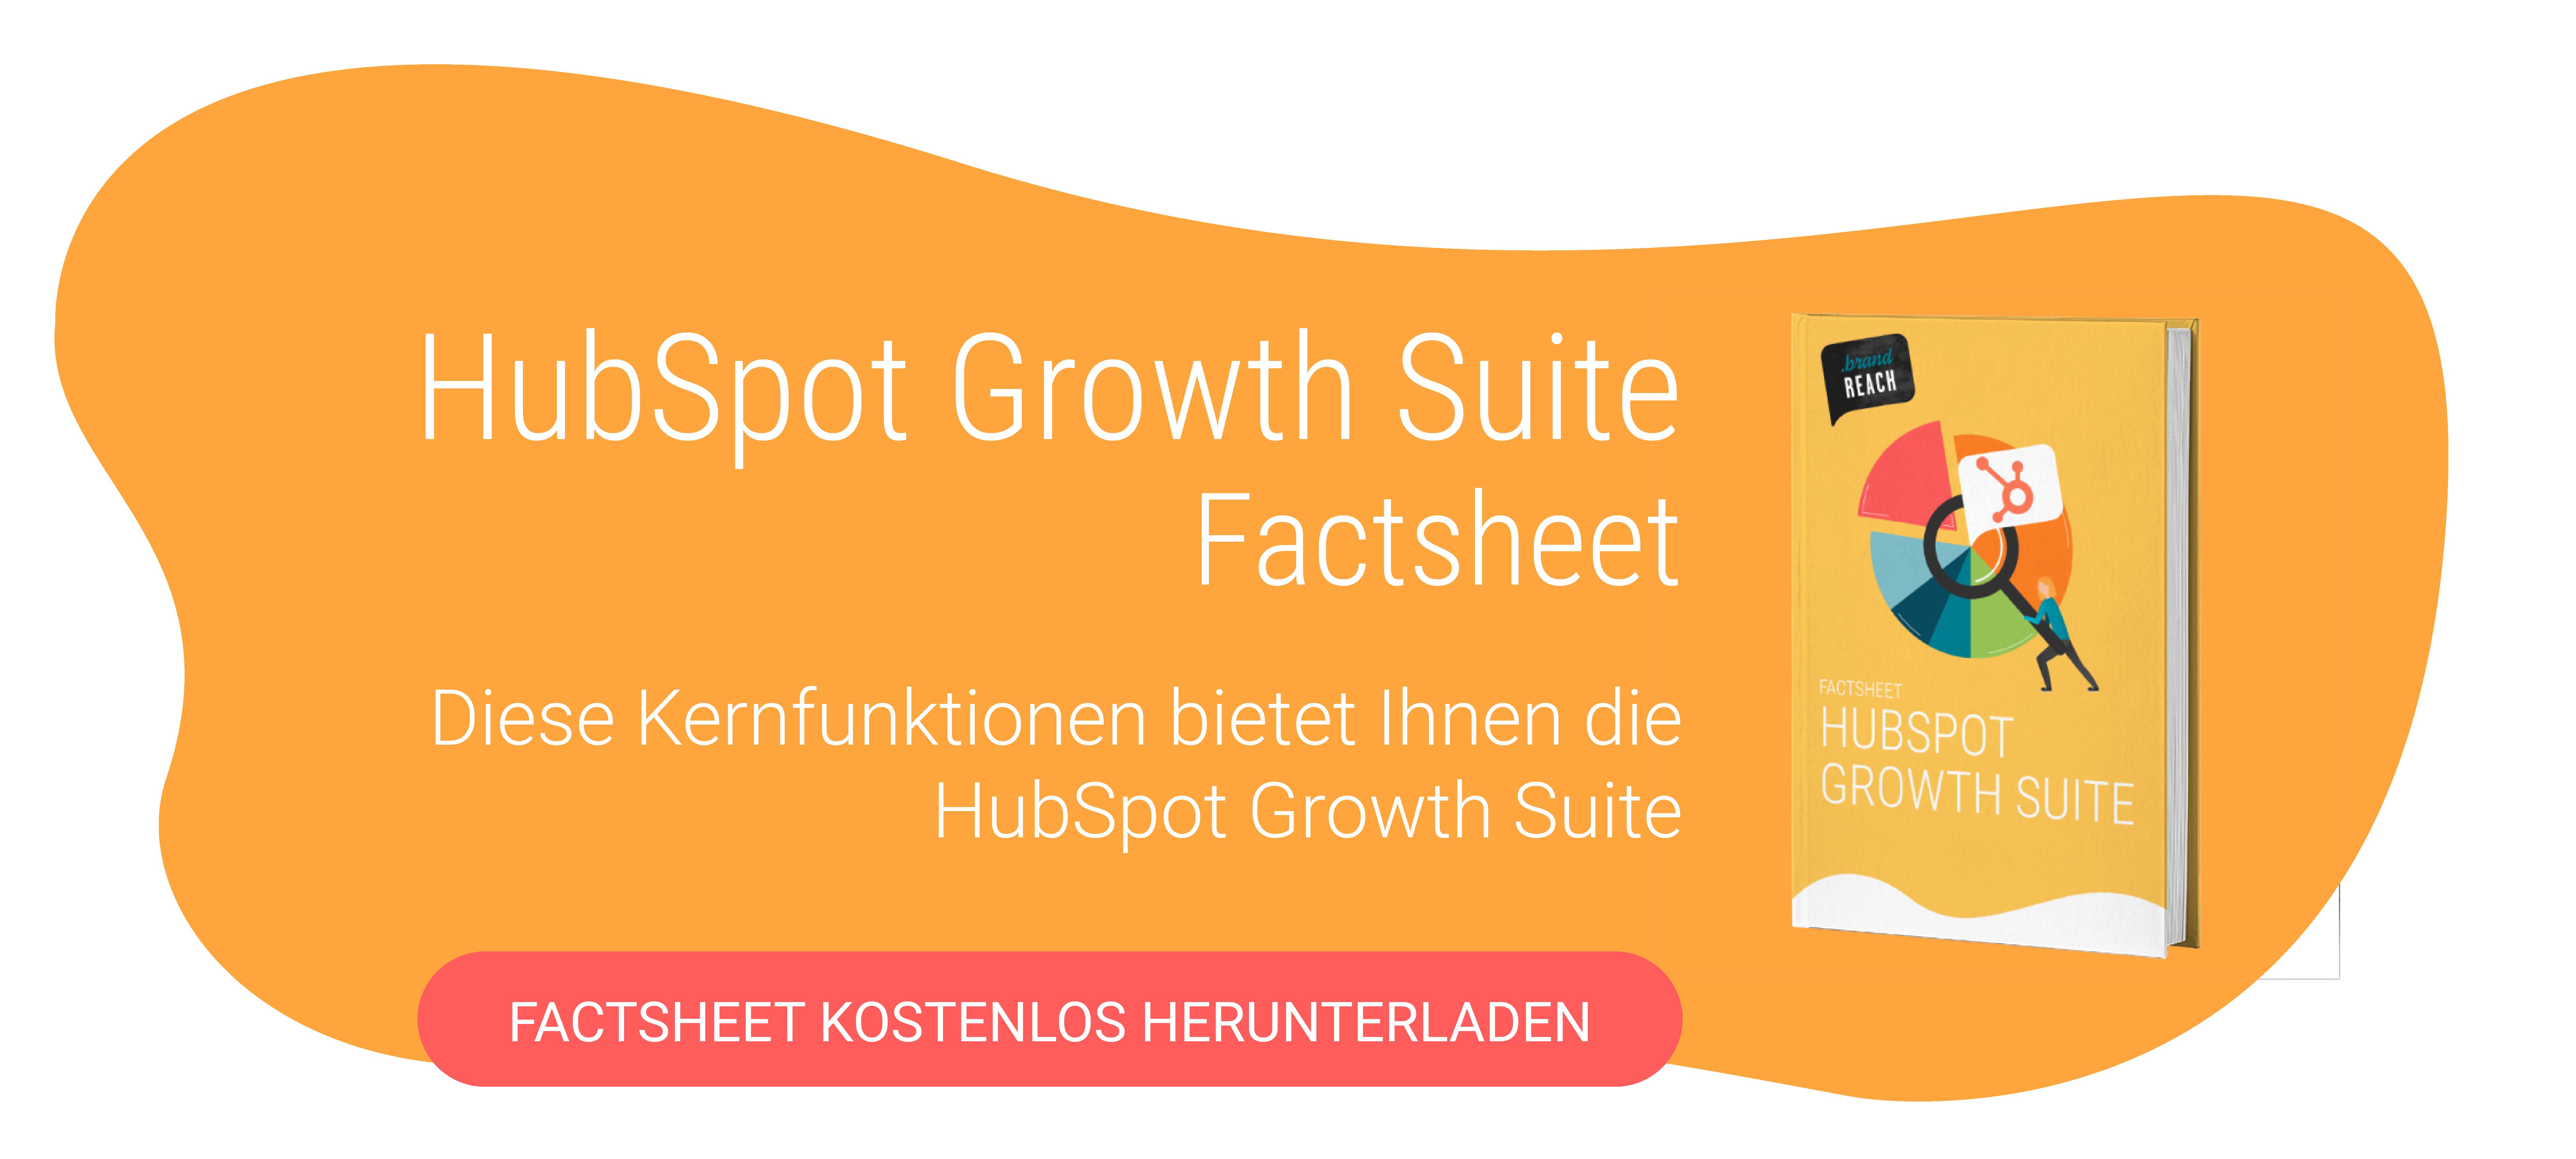 HubSpot Growth Suite Factsheet Download